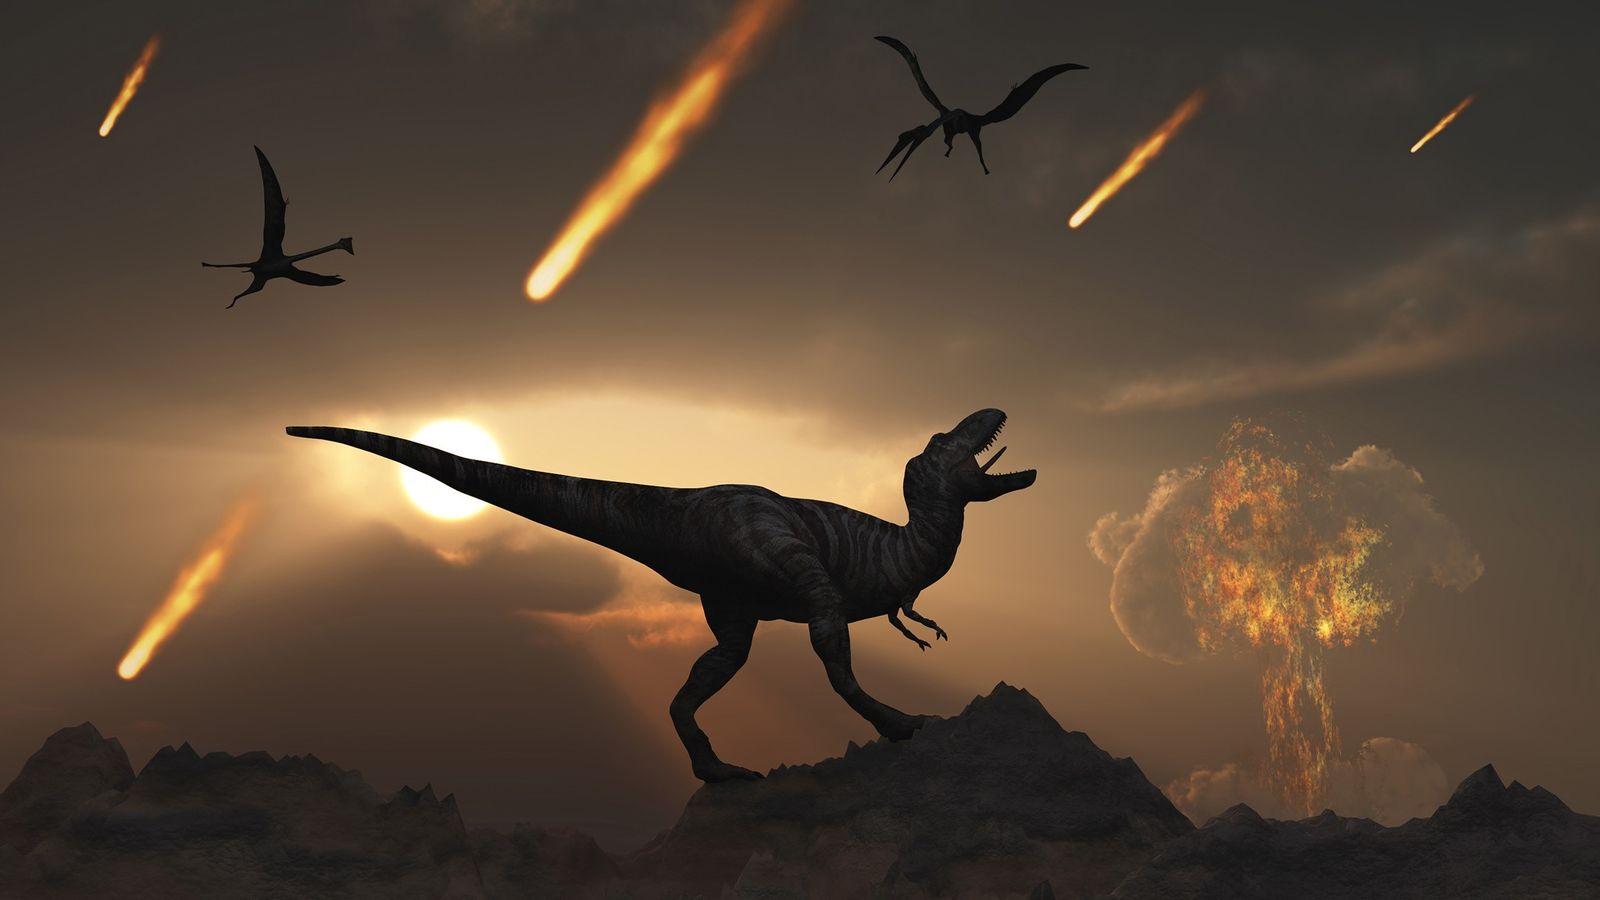 Am Ende der Kreidezeit vor 66 Millionen Jahren kam es zu einem gigantischen Asteroideneinschlag bei Chicxulub ...